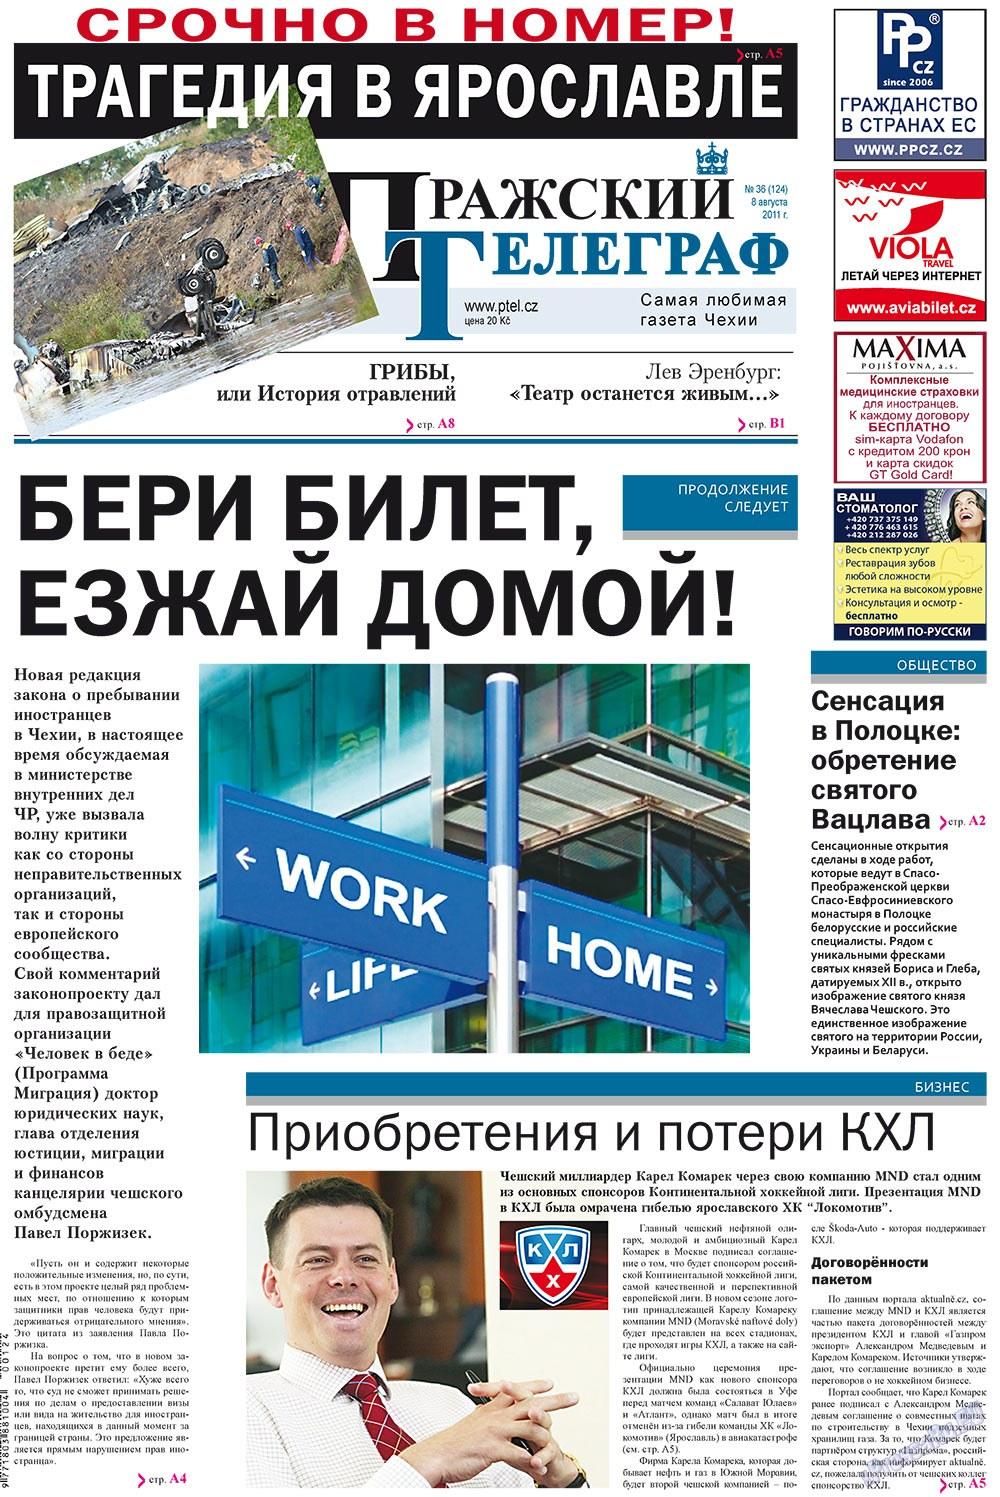 Пражский телеграф (газета). 2011 год, номер 36, стр. 1